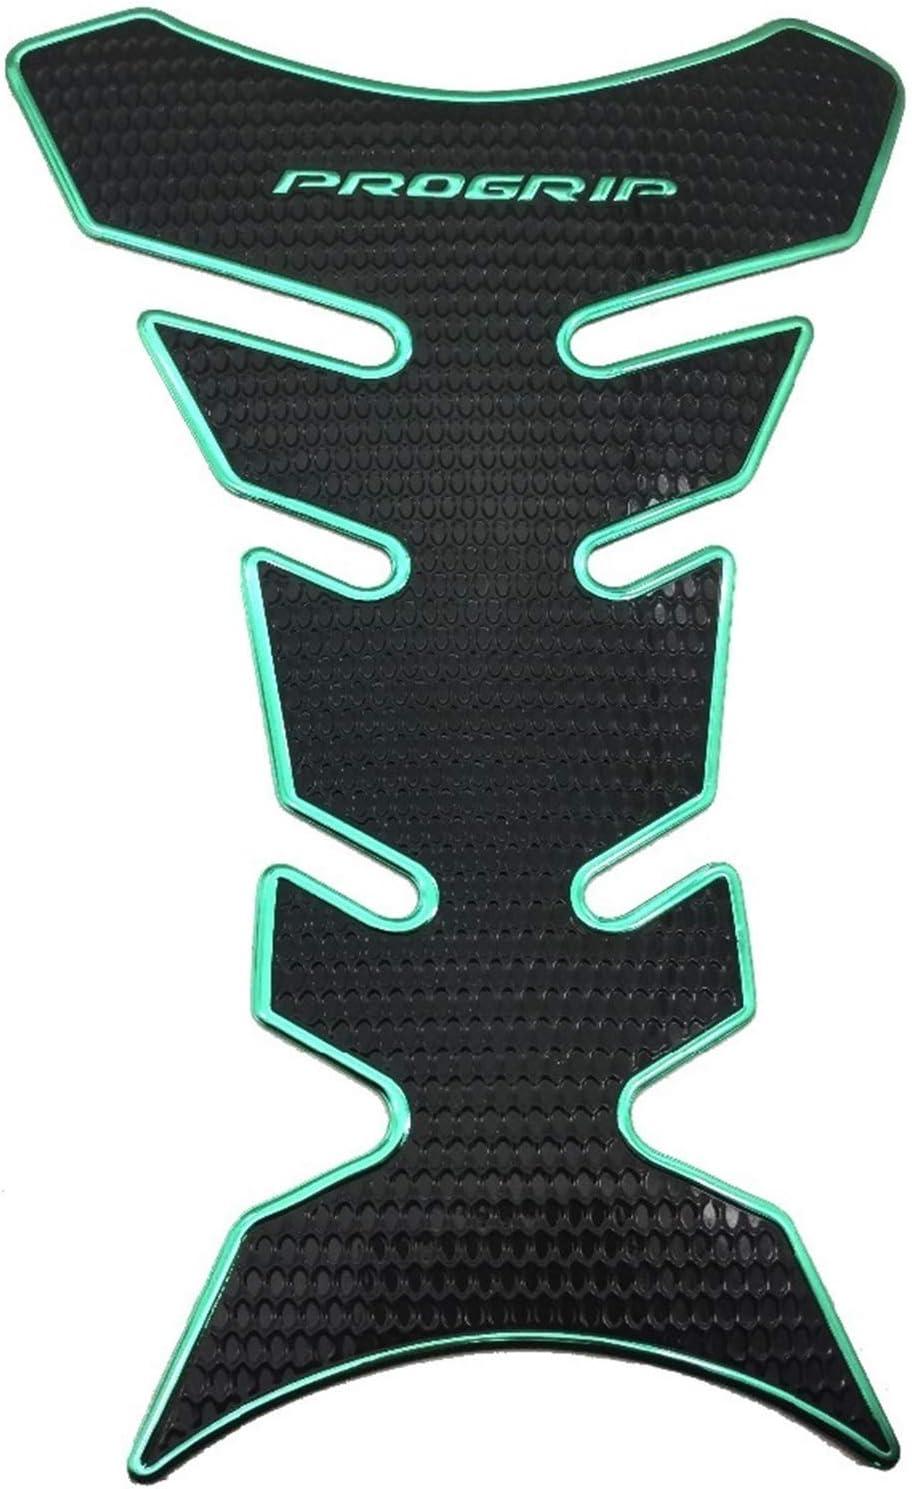 I decalcomani del serbatoio del combustibile del motociclo 3d /è il coperchio del pad copertura adesivi per Honda Yamaha R1 R6 Honda CBR 600 F2 F3 F4 F4i Kawasaki ZX6R Color : Black